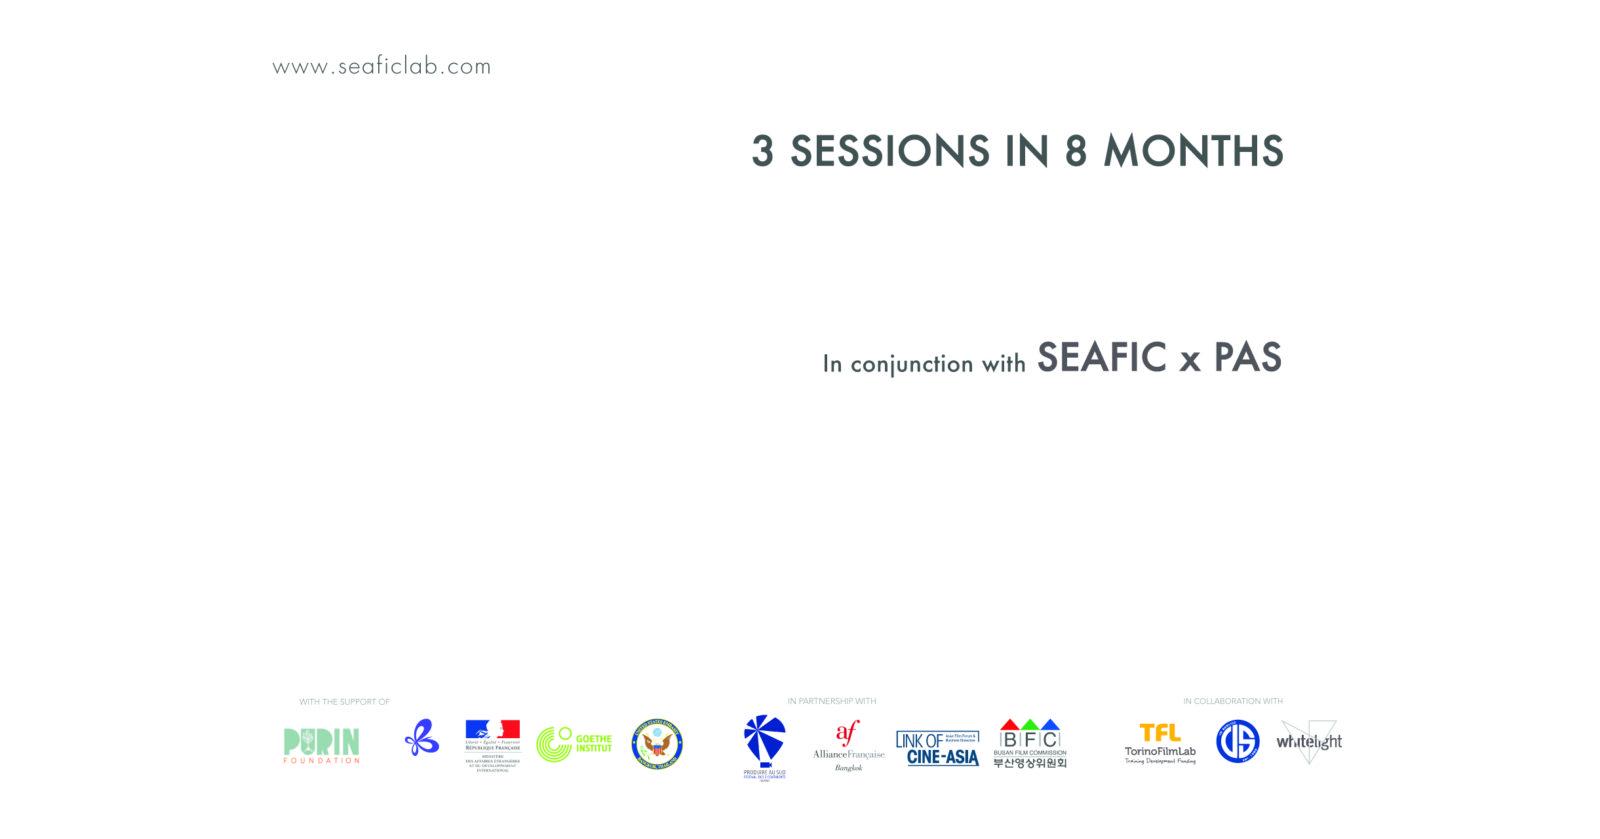 SEAFIC (Thailand) : PAS partner since 2017